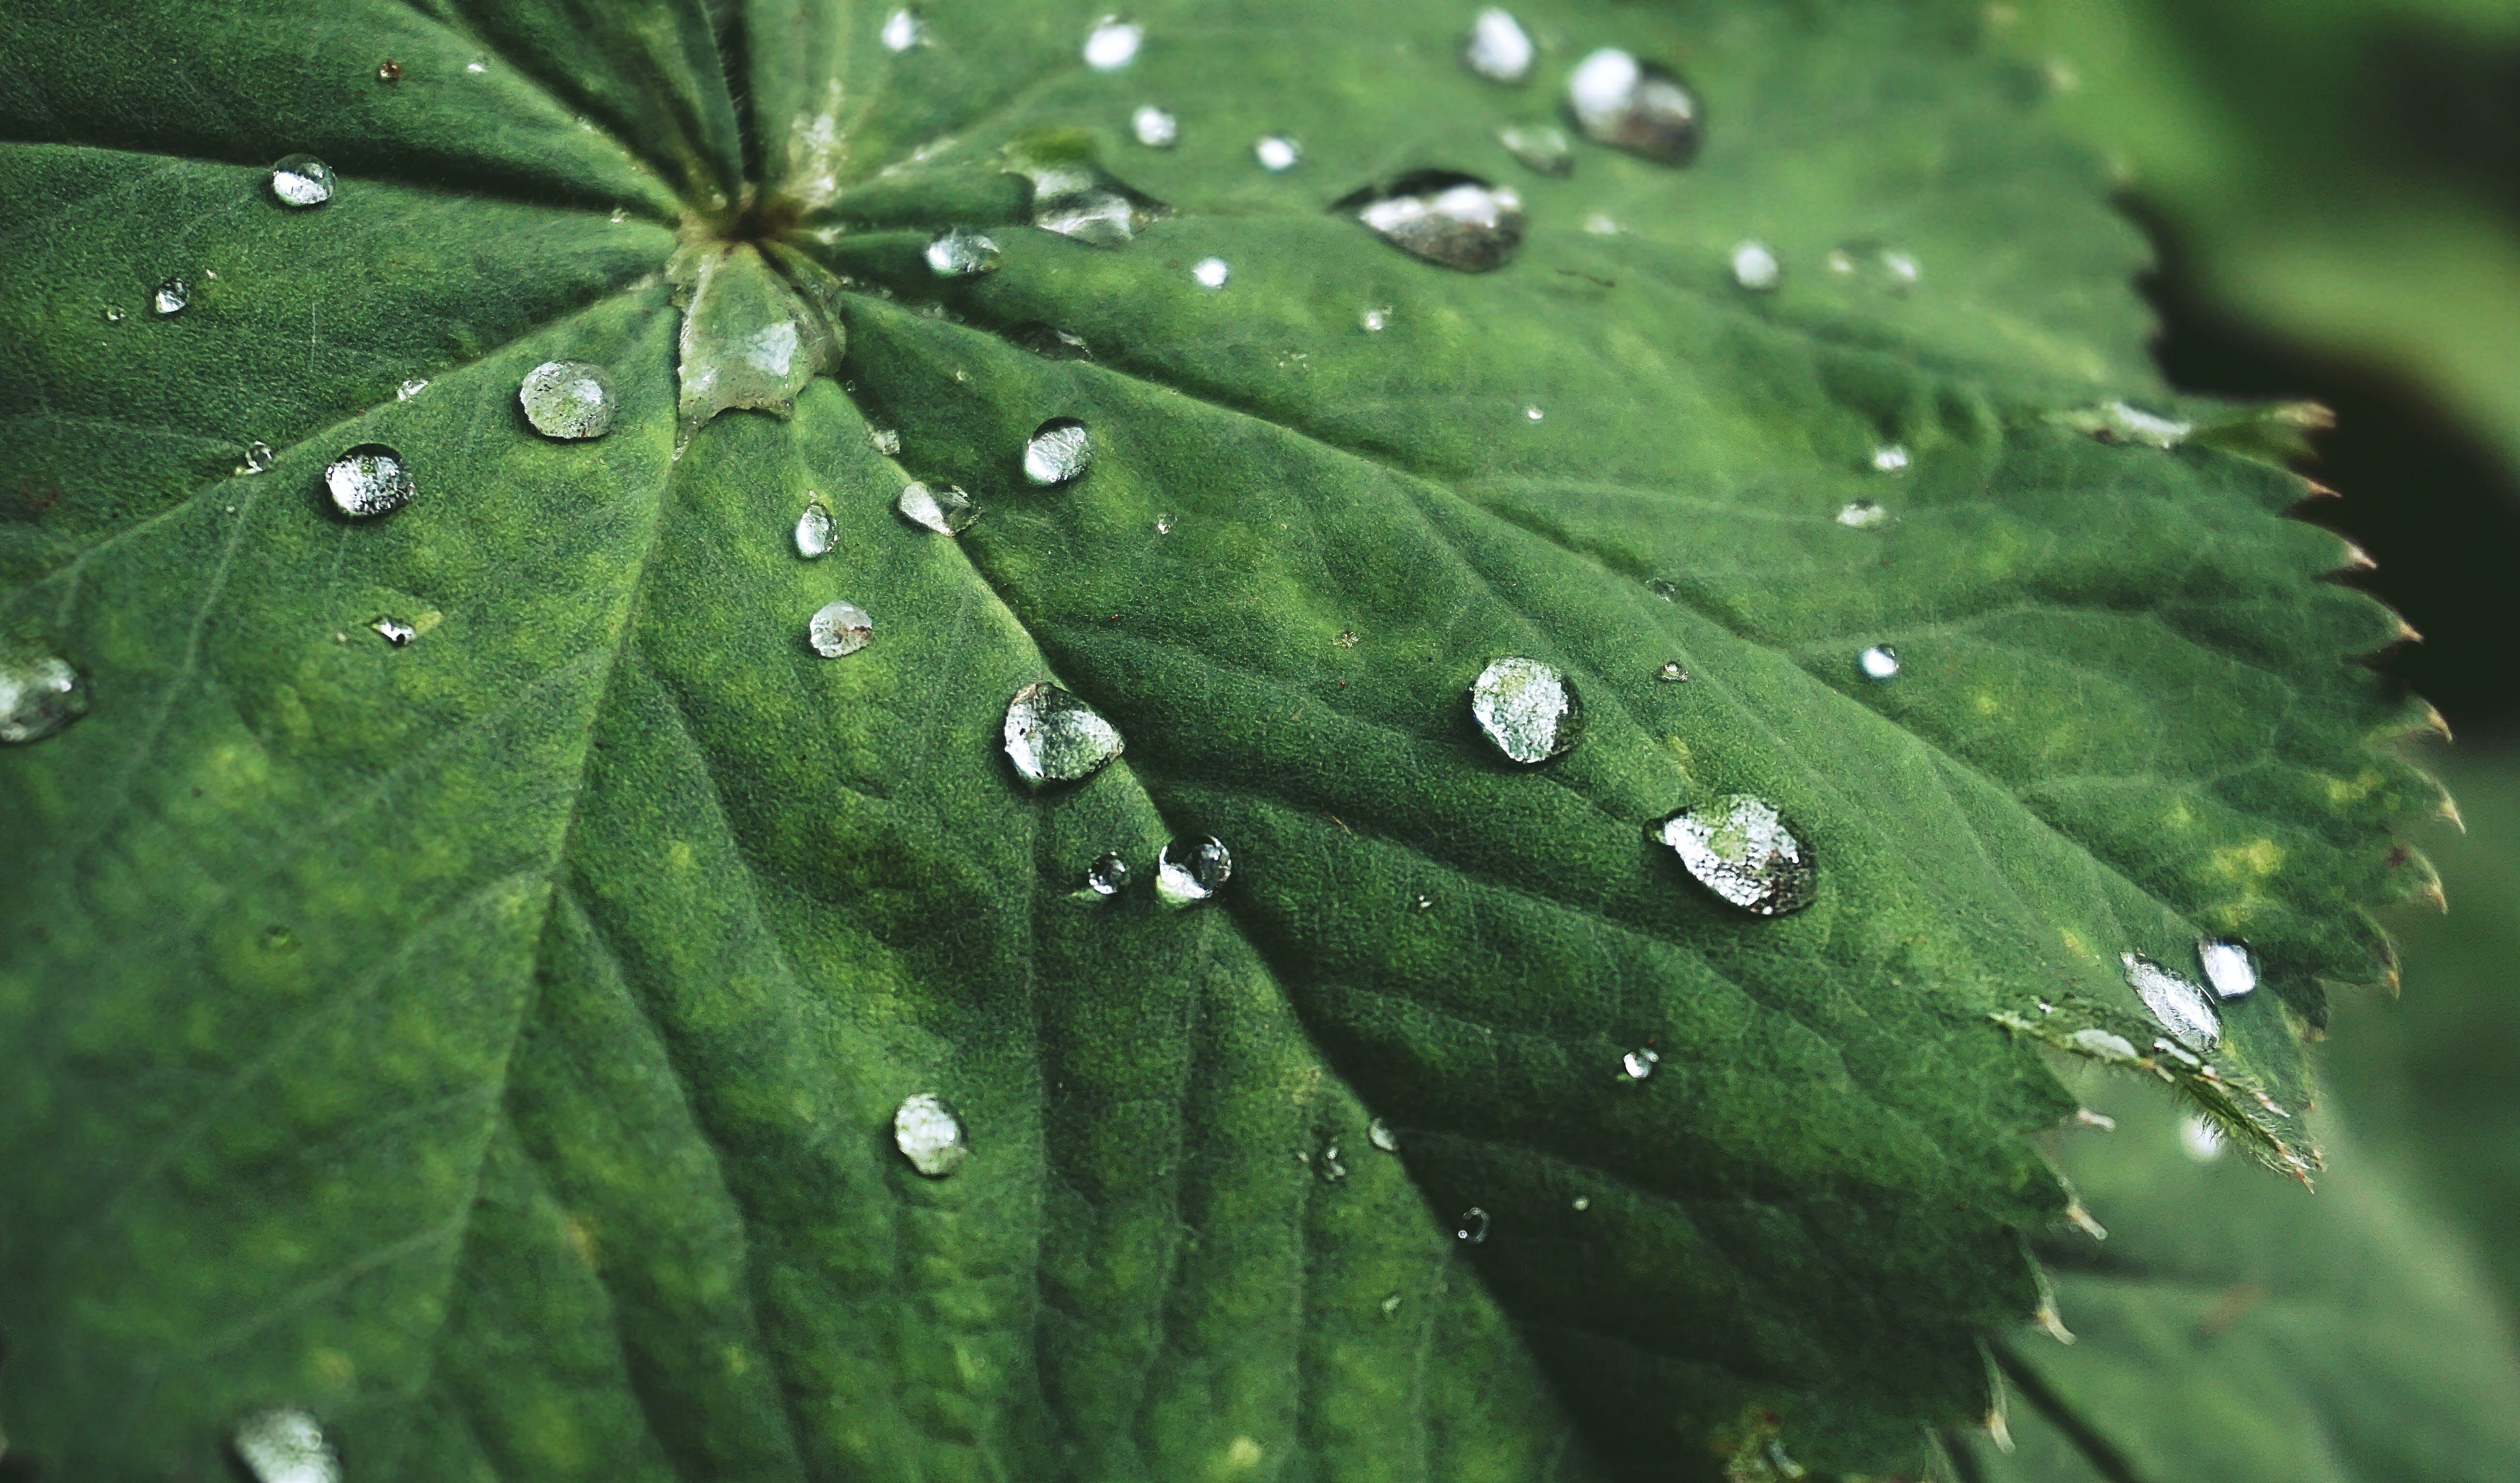 Gratis lagerfoto af blad, blade, grøn, grønt blad